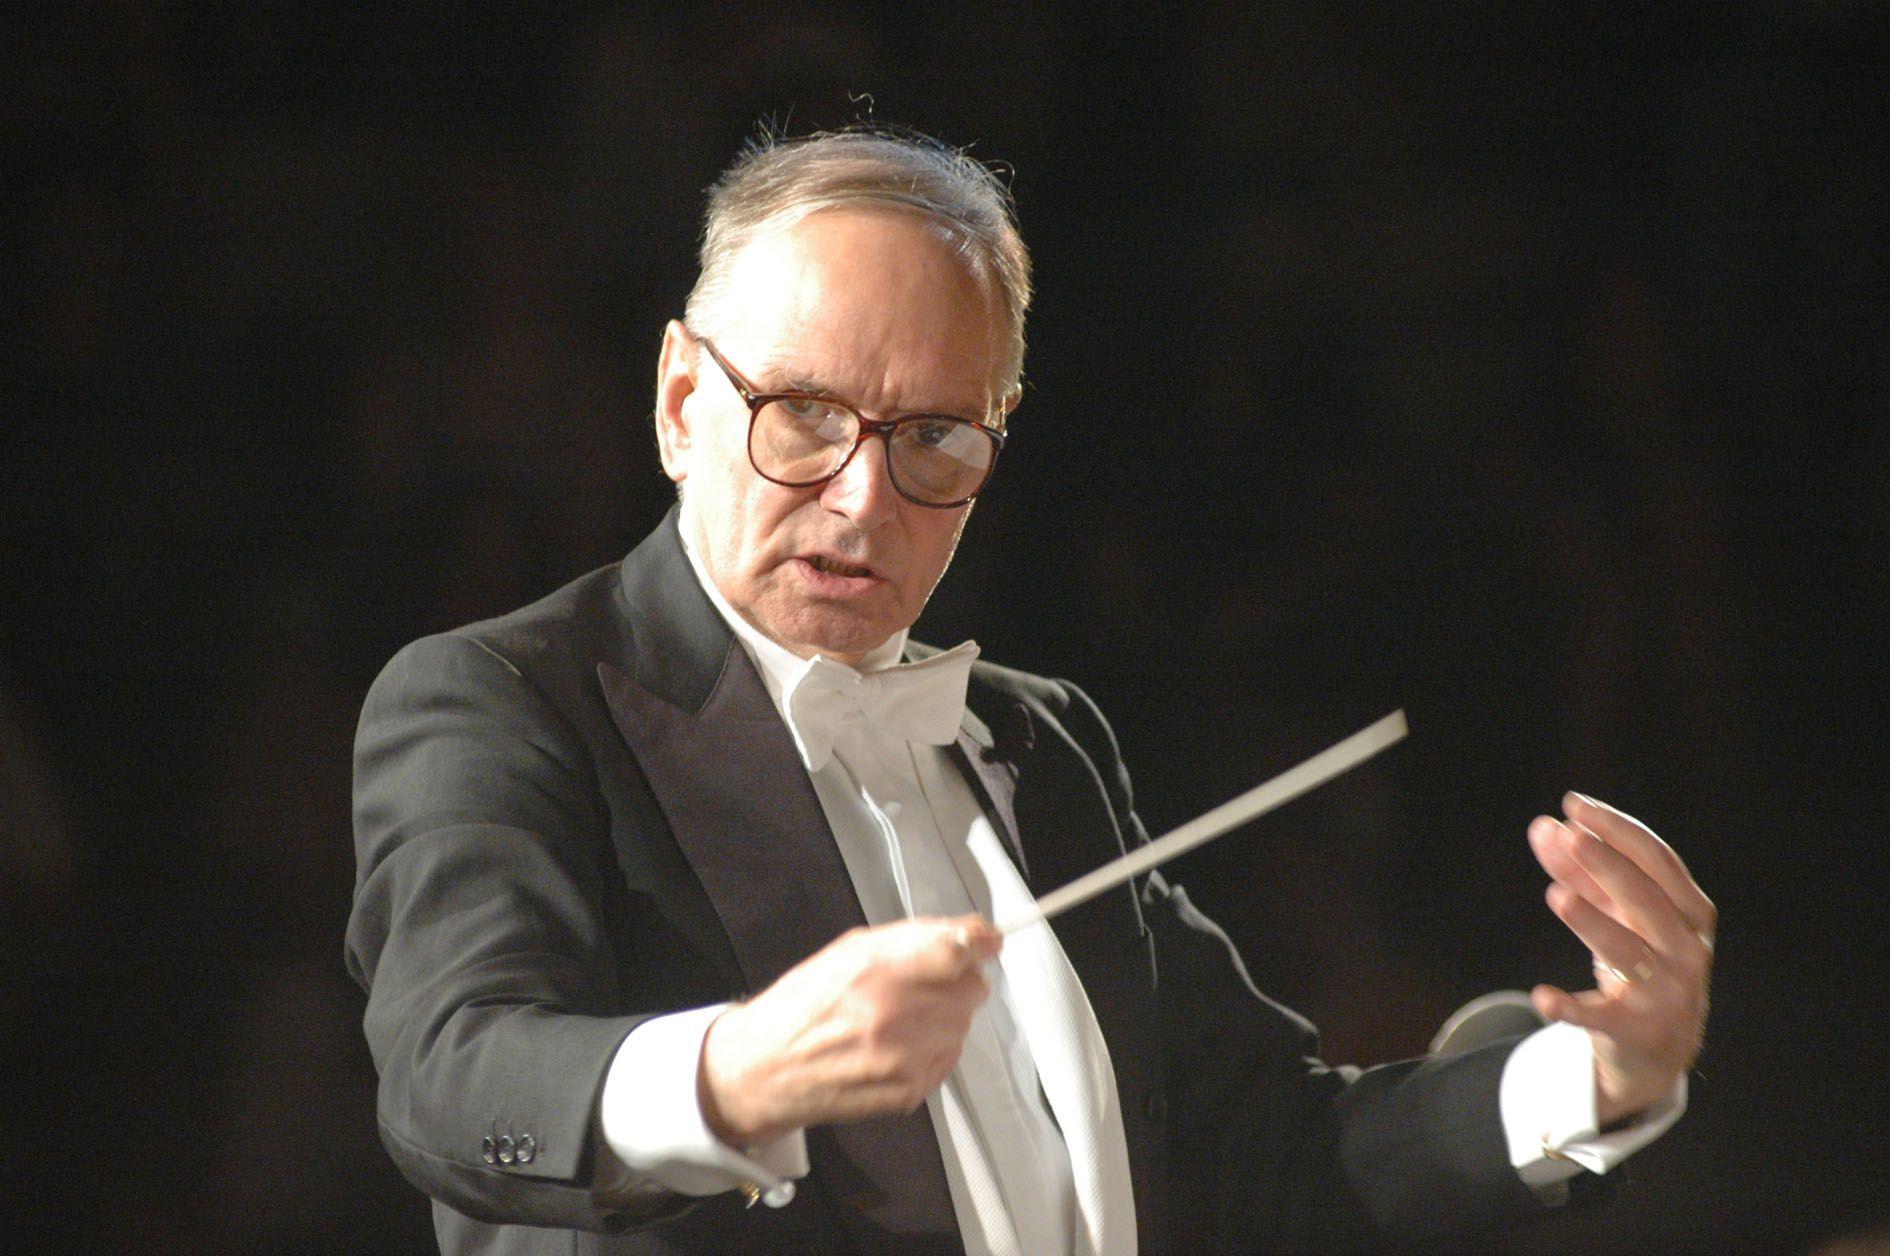 Ennio Morricone malato: stop ai concerti fino a giugno 2016